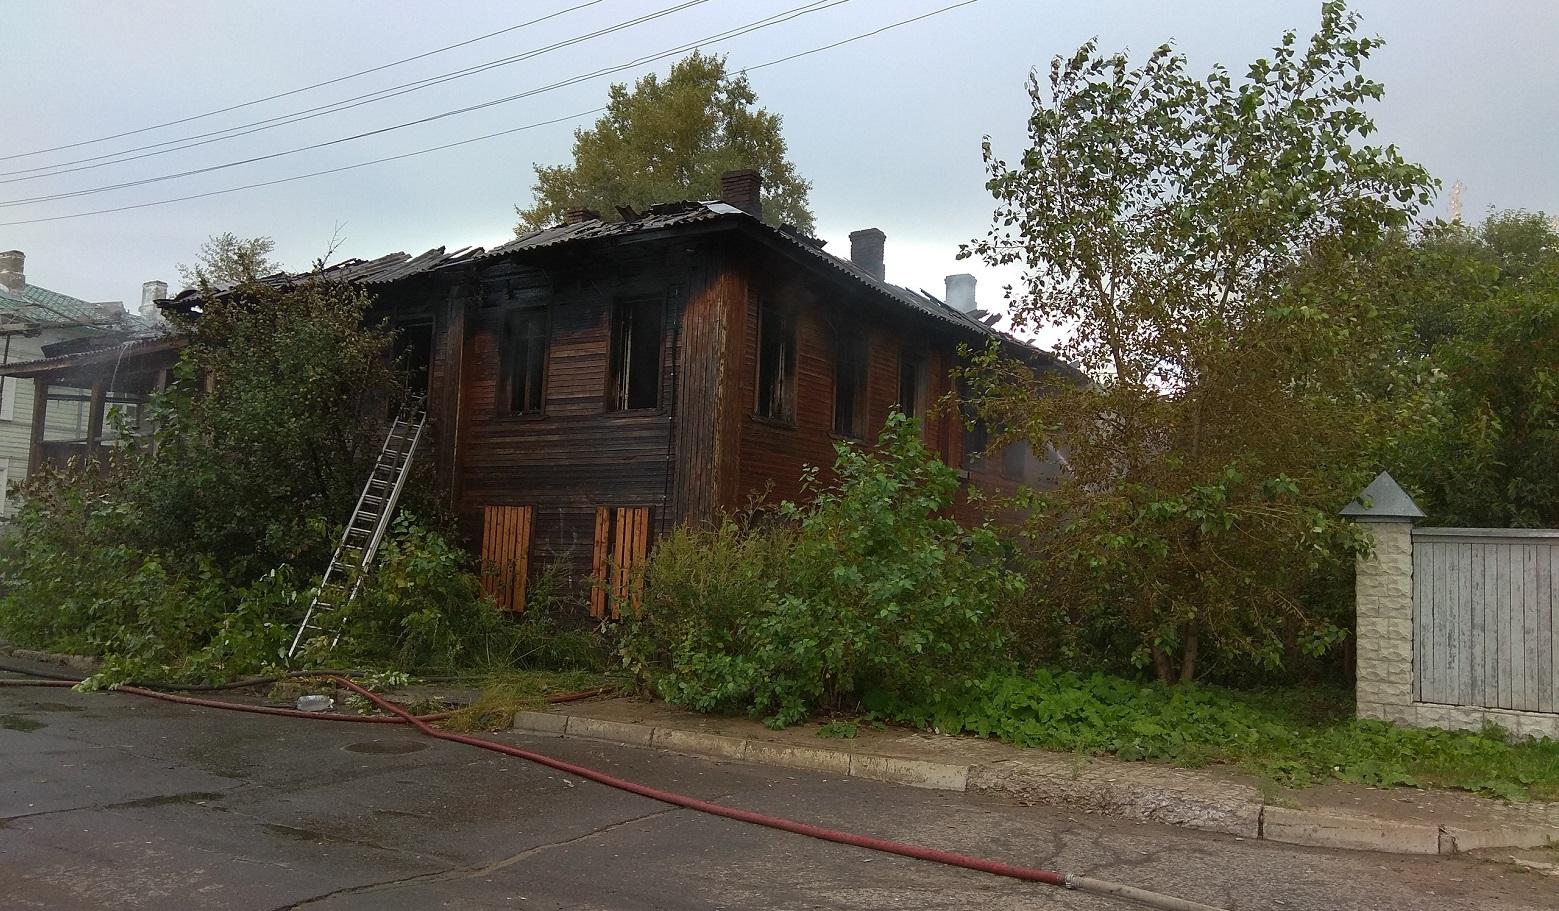 Мораторий на продажу сгоревших домов в Вологде не соблюдается: после пожаров на торги выставлены два дома